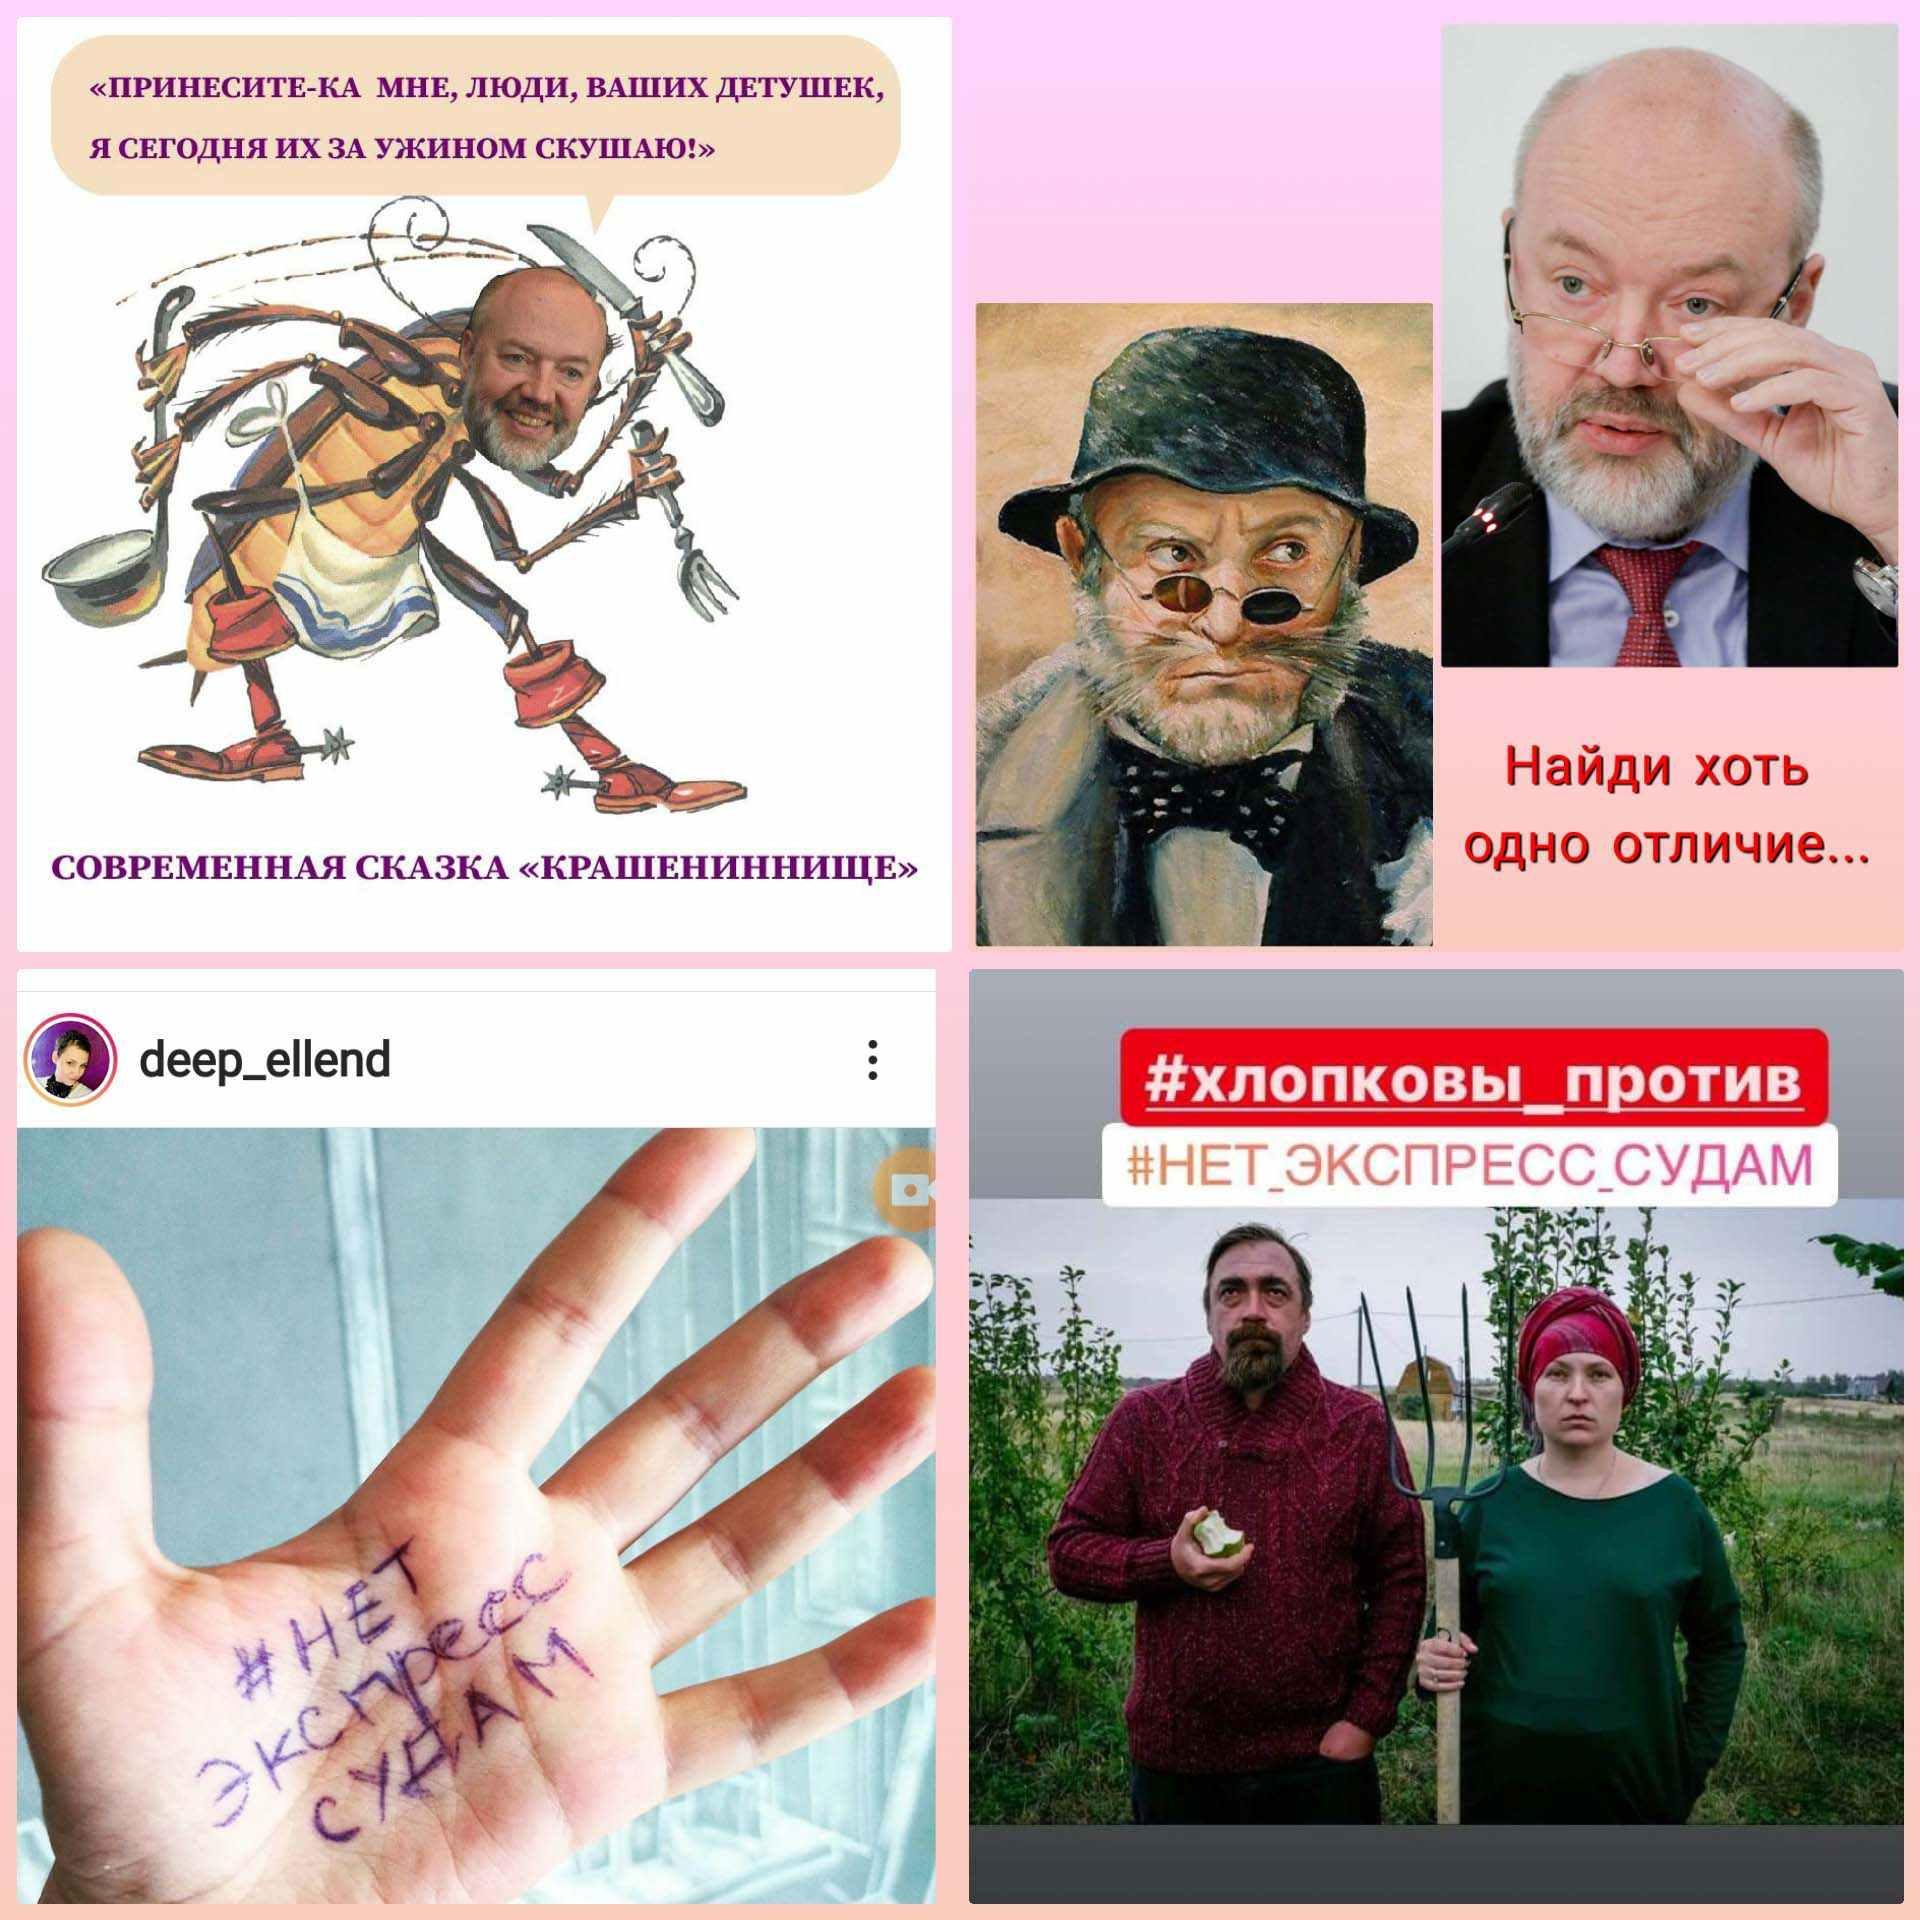 Навеяно ювенальным законопроектом Крашенникова-Клишаса (2К) об экспресс-судах по отобранию детей. (15.11.20)